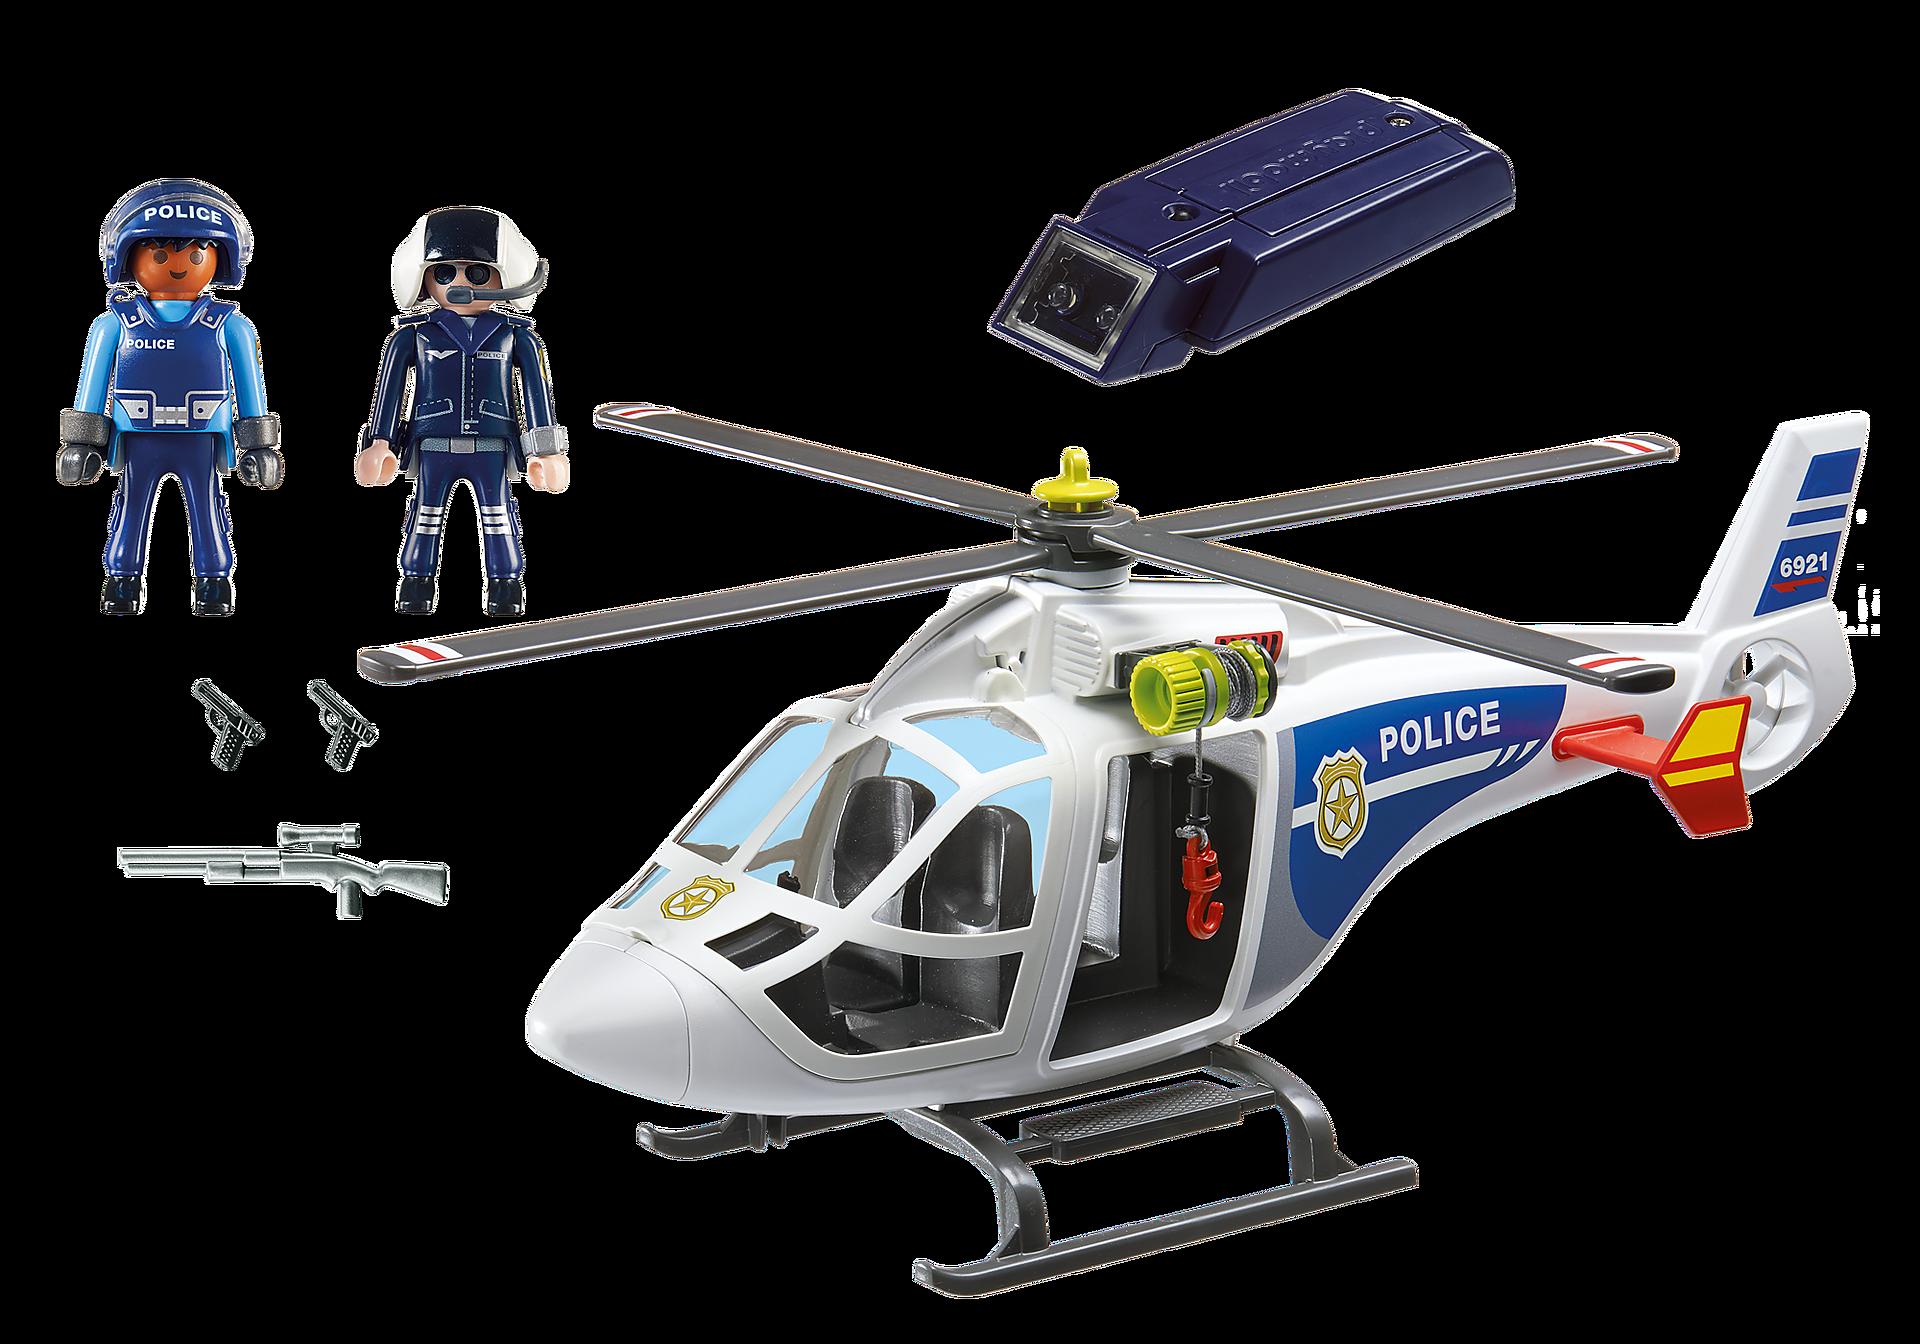 6921 Helikopter policyjny z reflektorem LED zoom image3